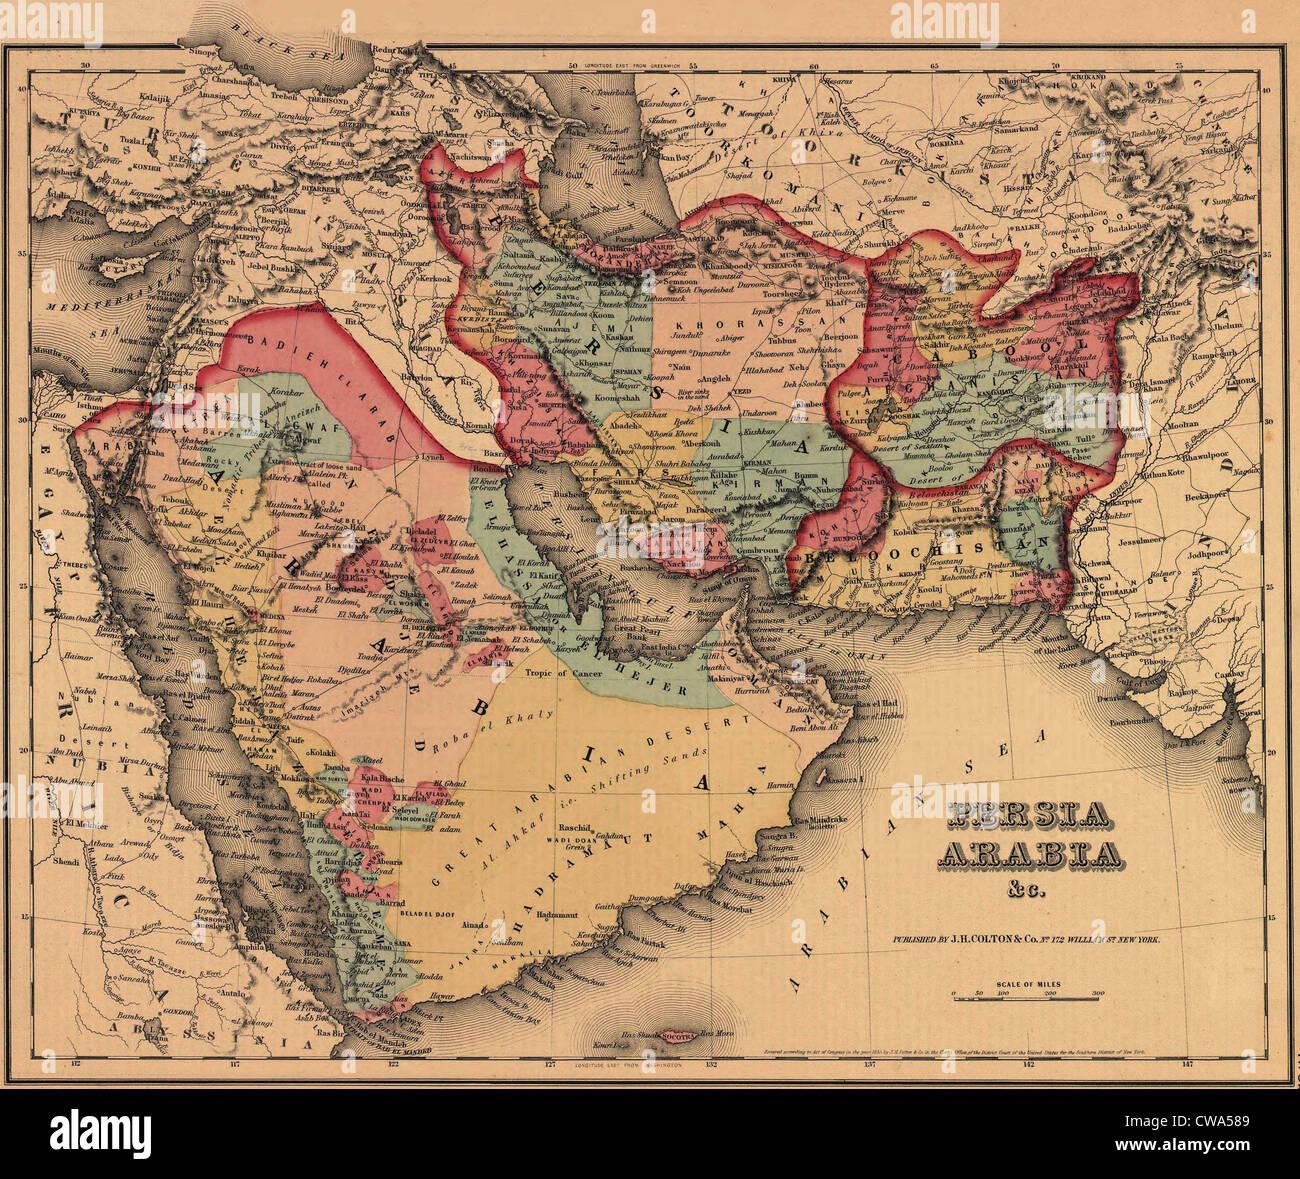 1855-Karte zeigt deutlich die politische und kulturelle Geographie des Nahen Ostens. Die osmanischen und persischen Stockbild